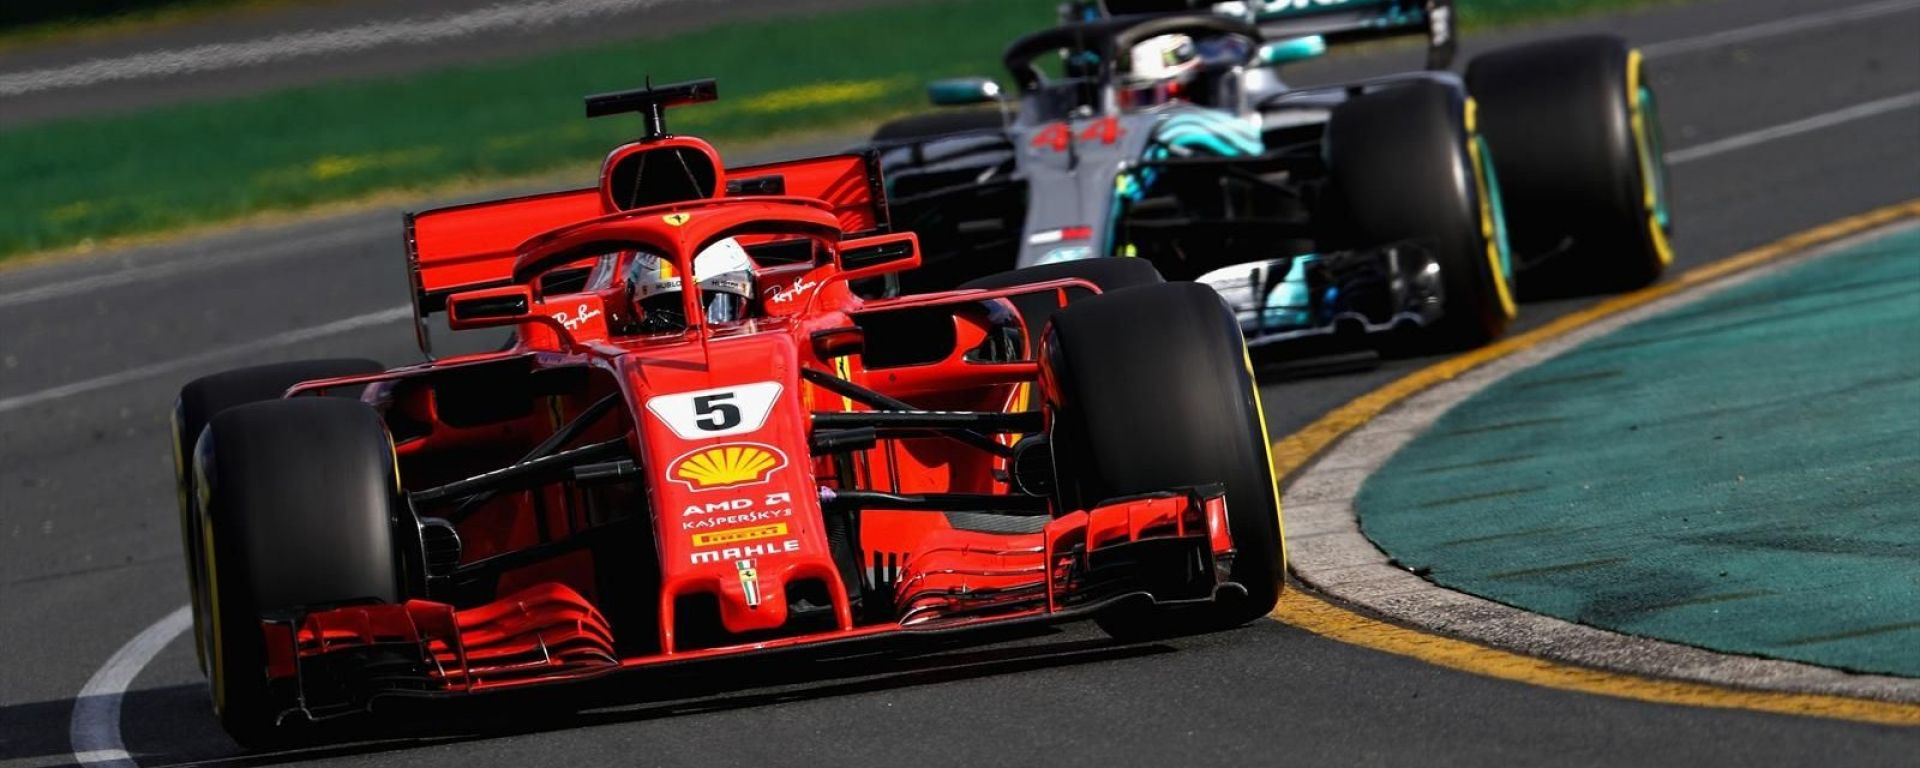 Sebastian Vettel e Lewis Hamilton